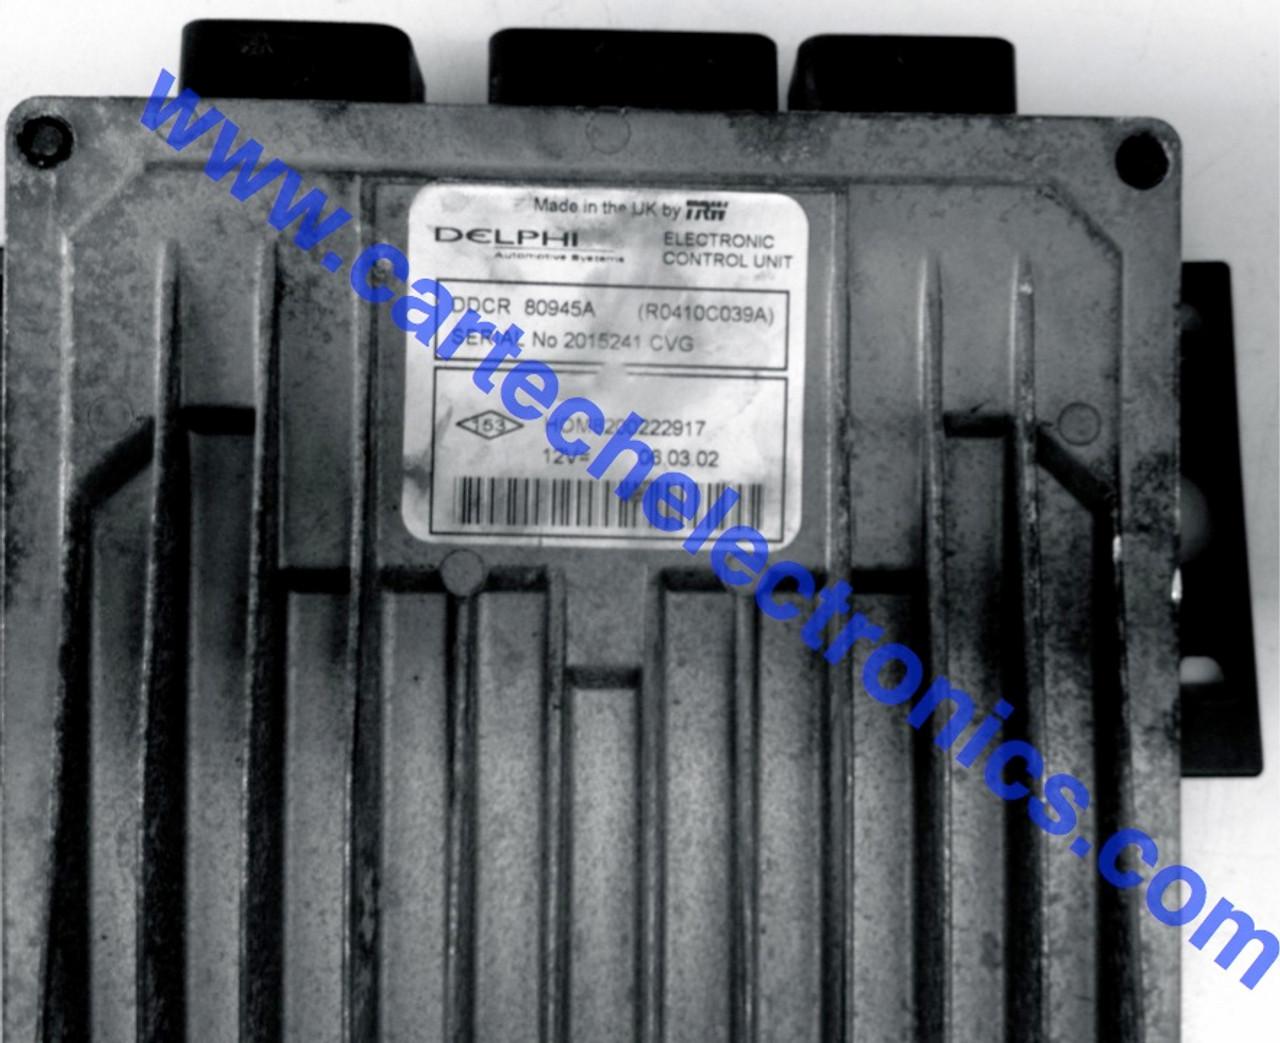 Renault Engine ECU DDCR 80945A R0410C039A HOM8200222917